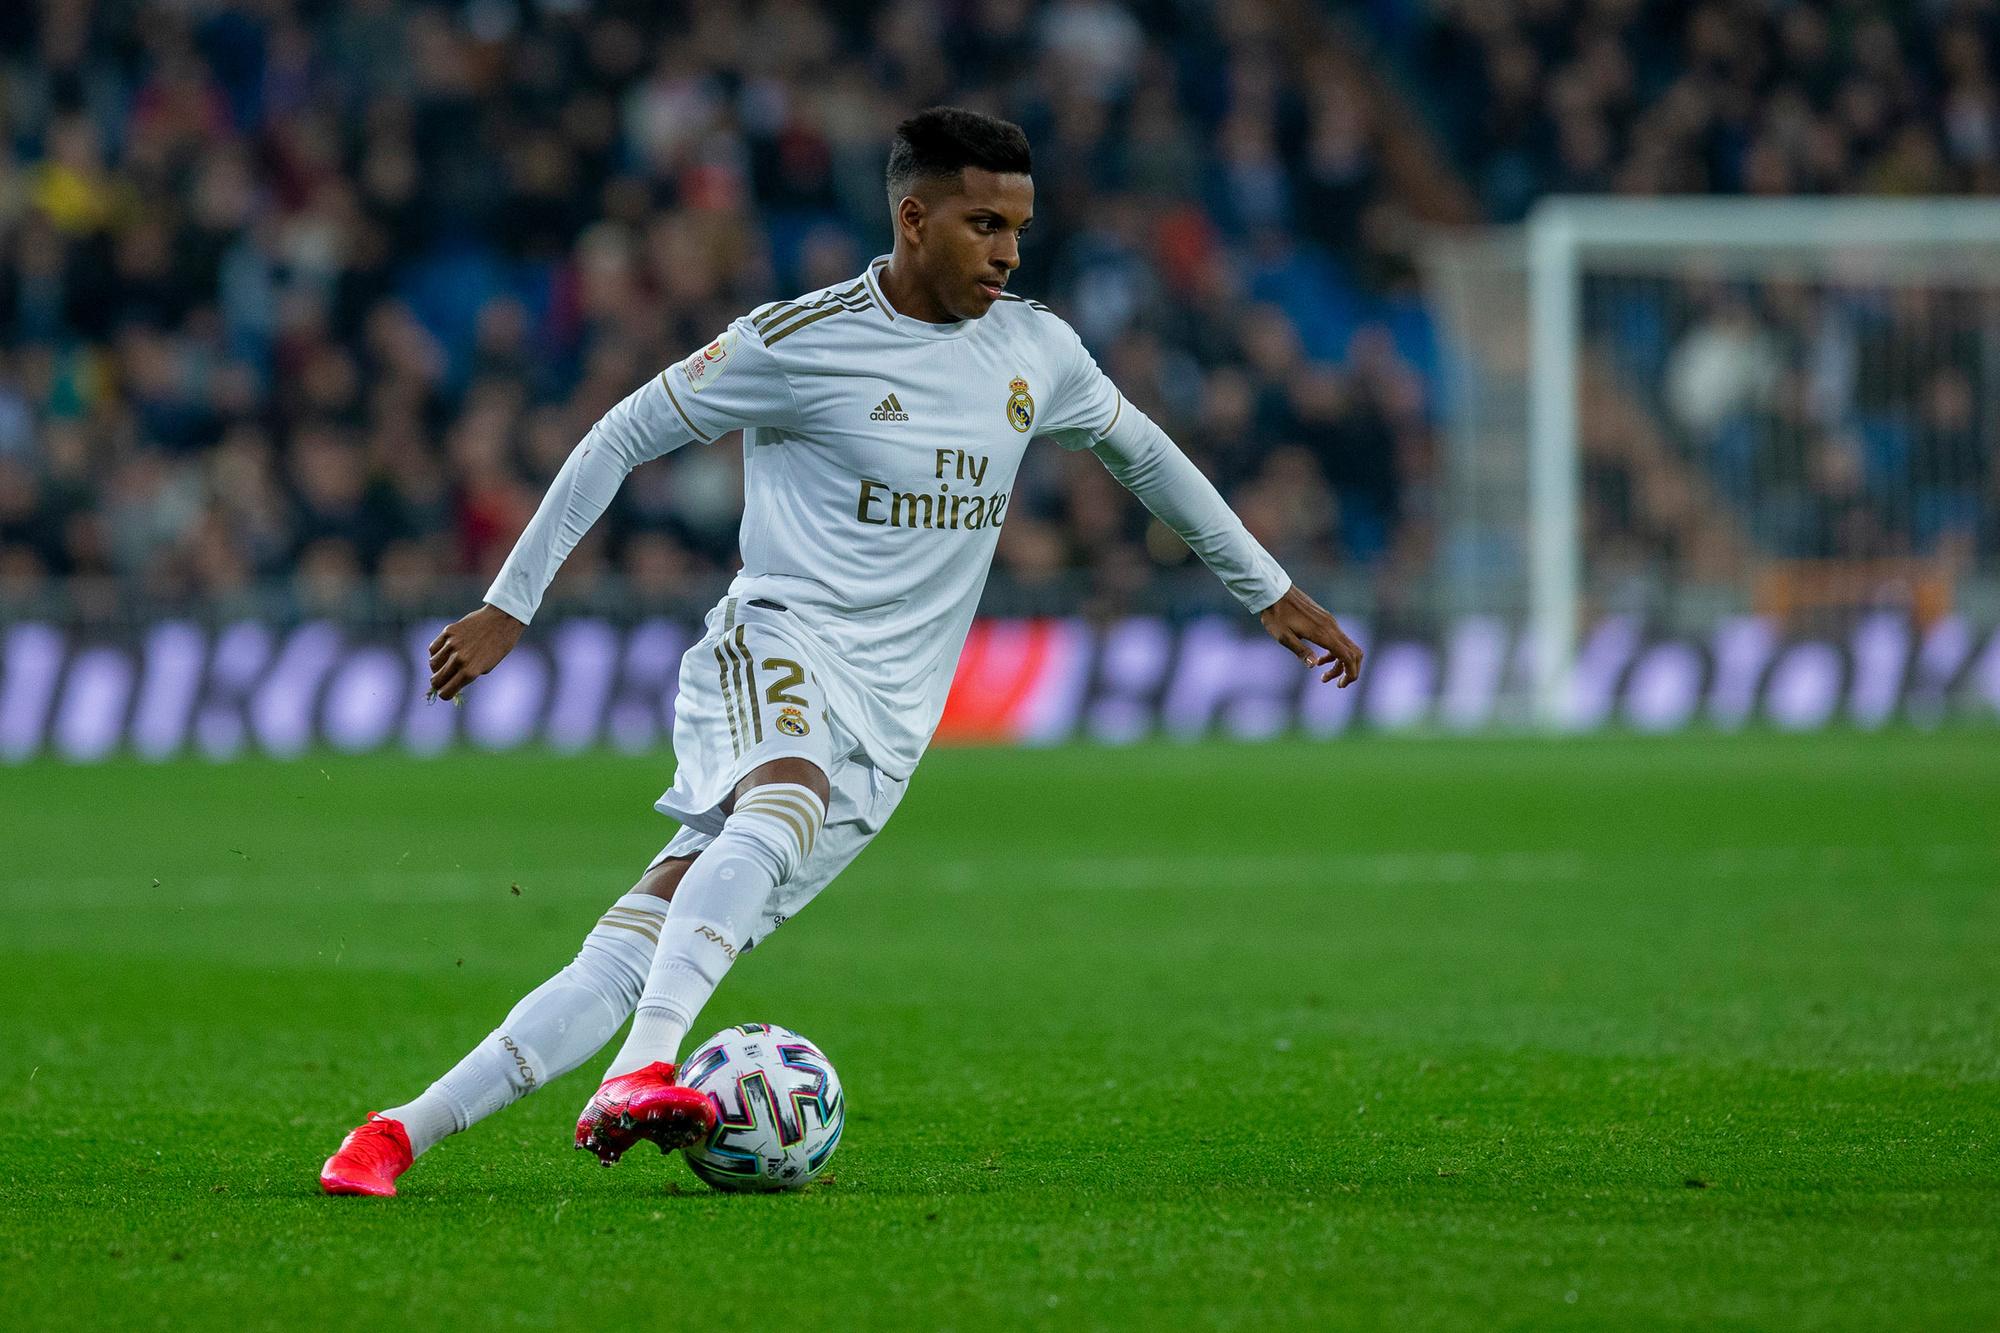 Rodrygo, een van de vele Braziliaanse jongeren bij Real Madrid, GETTY